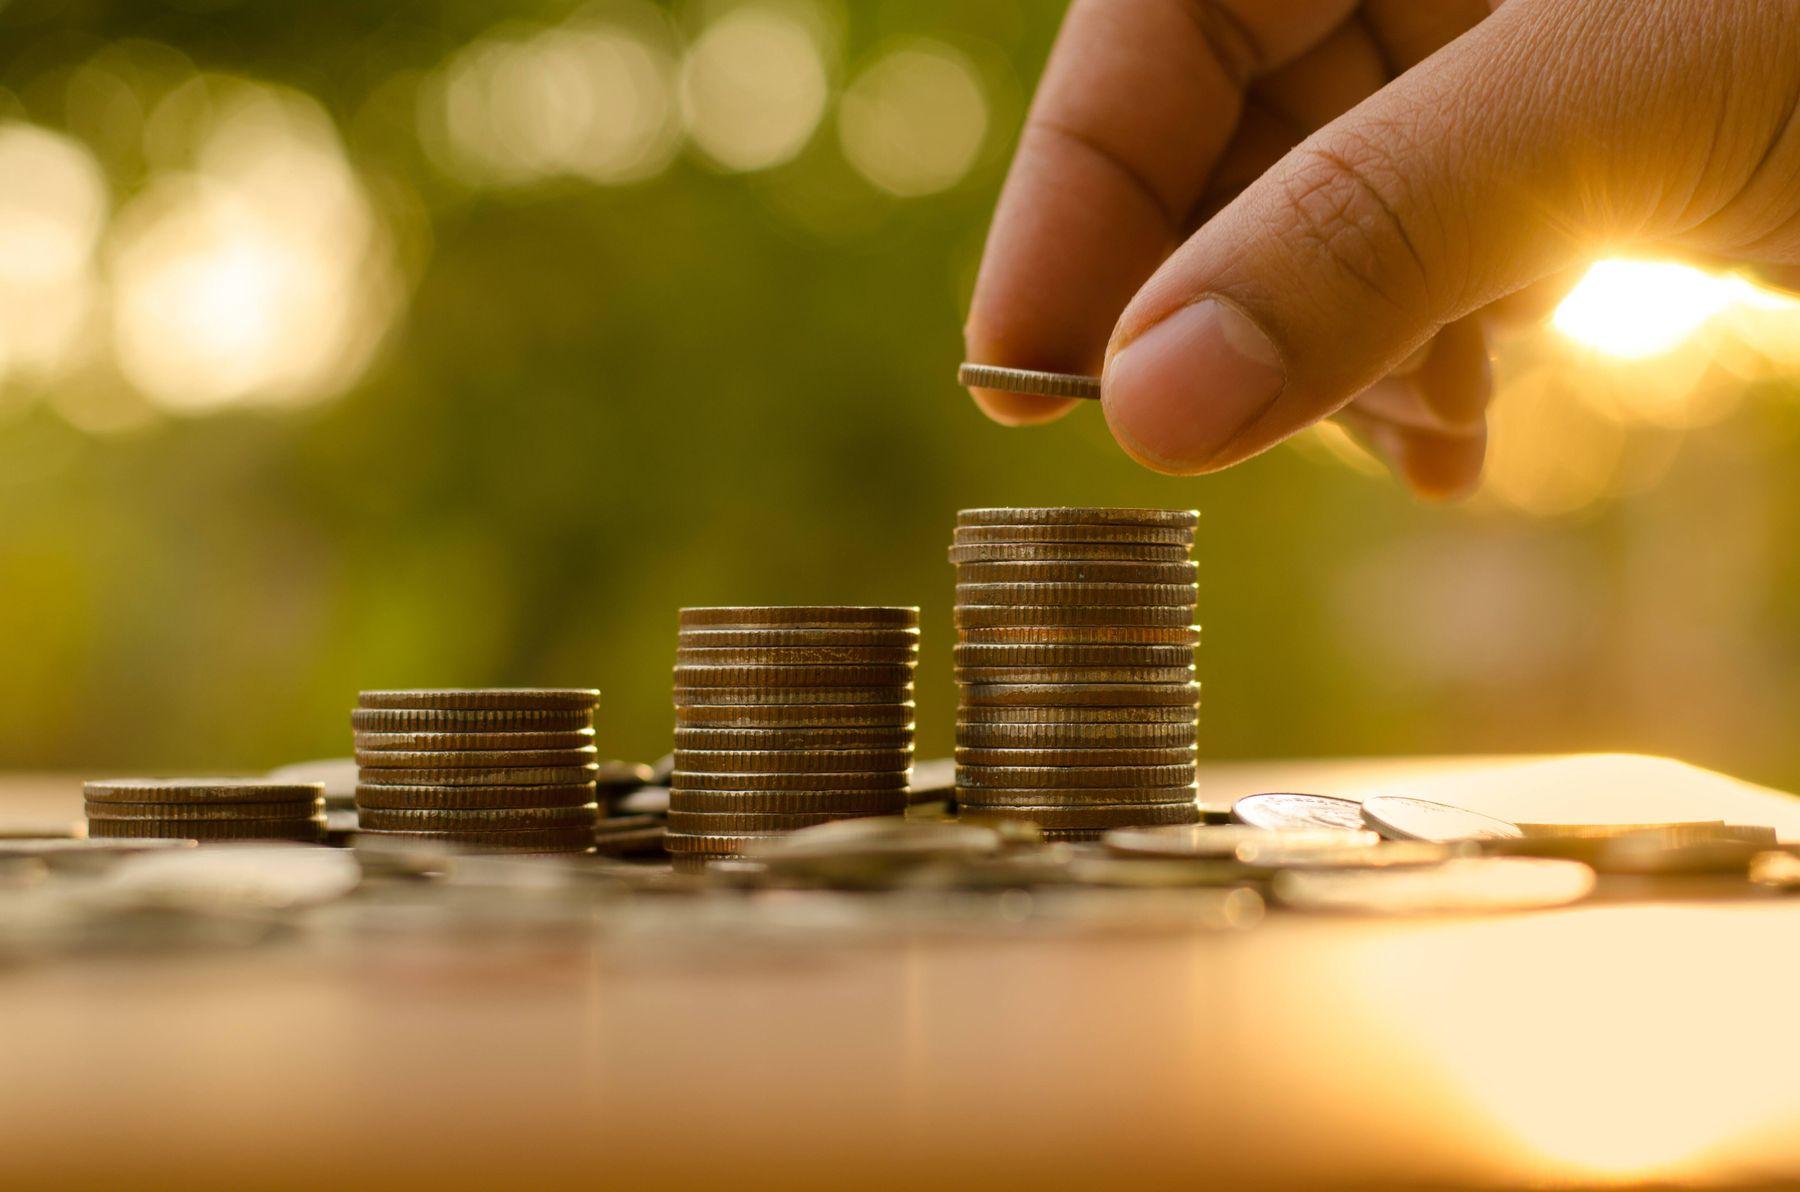 Cách quản lý chi tiêu gia đình - thẳng thắn nói về vấn đề tiền bạc